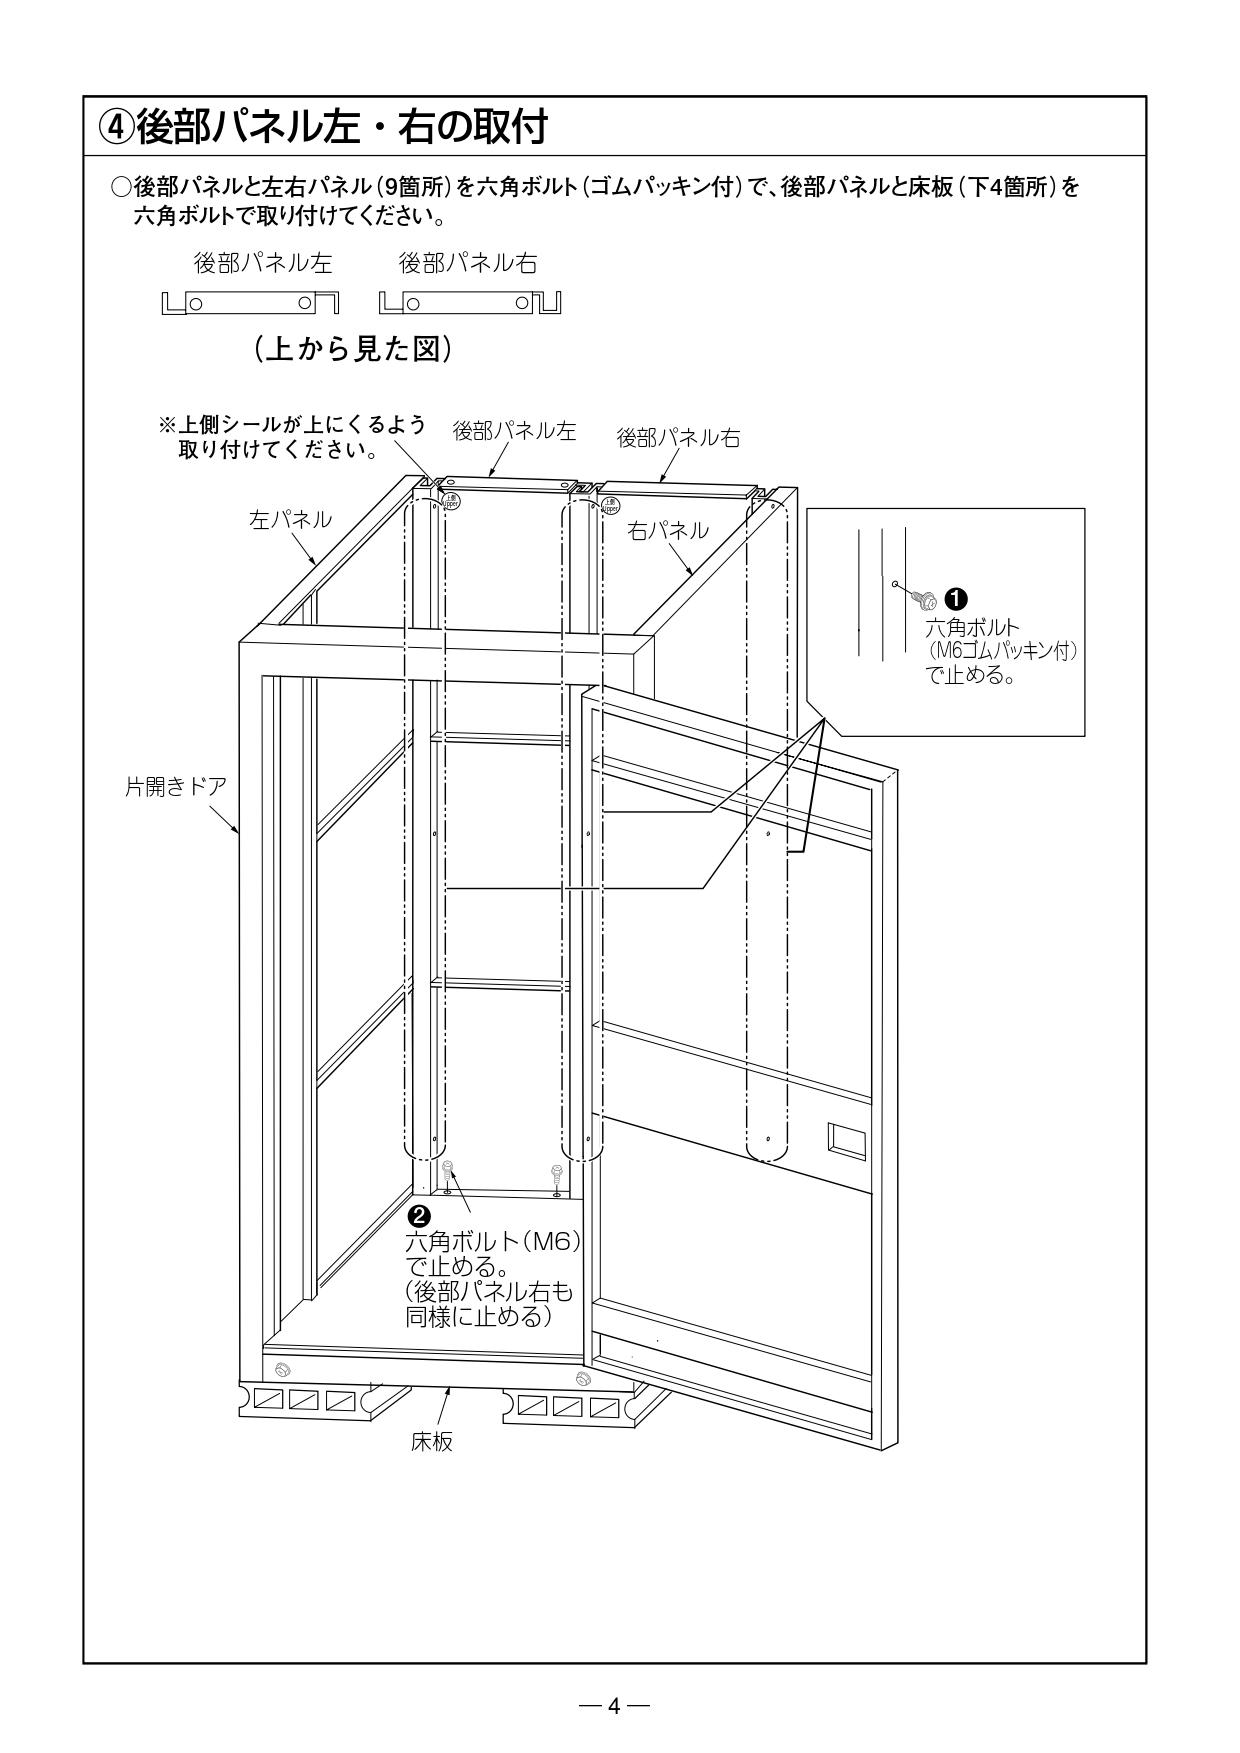 小型物置DM-GY099 組み立て説明書_page-0006